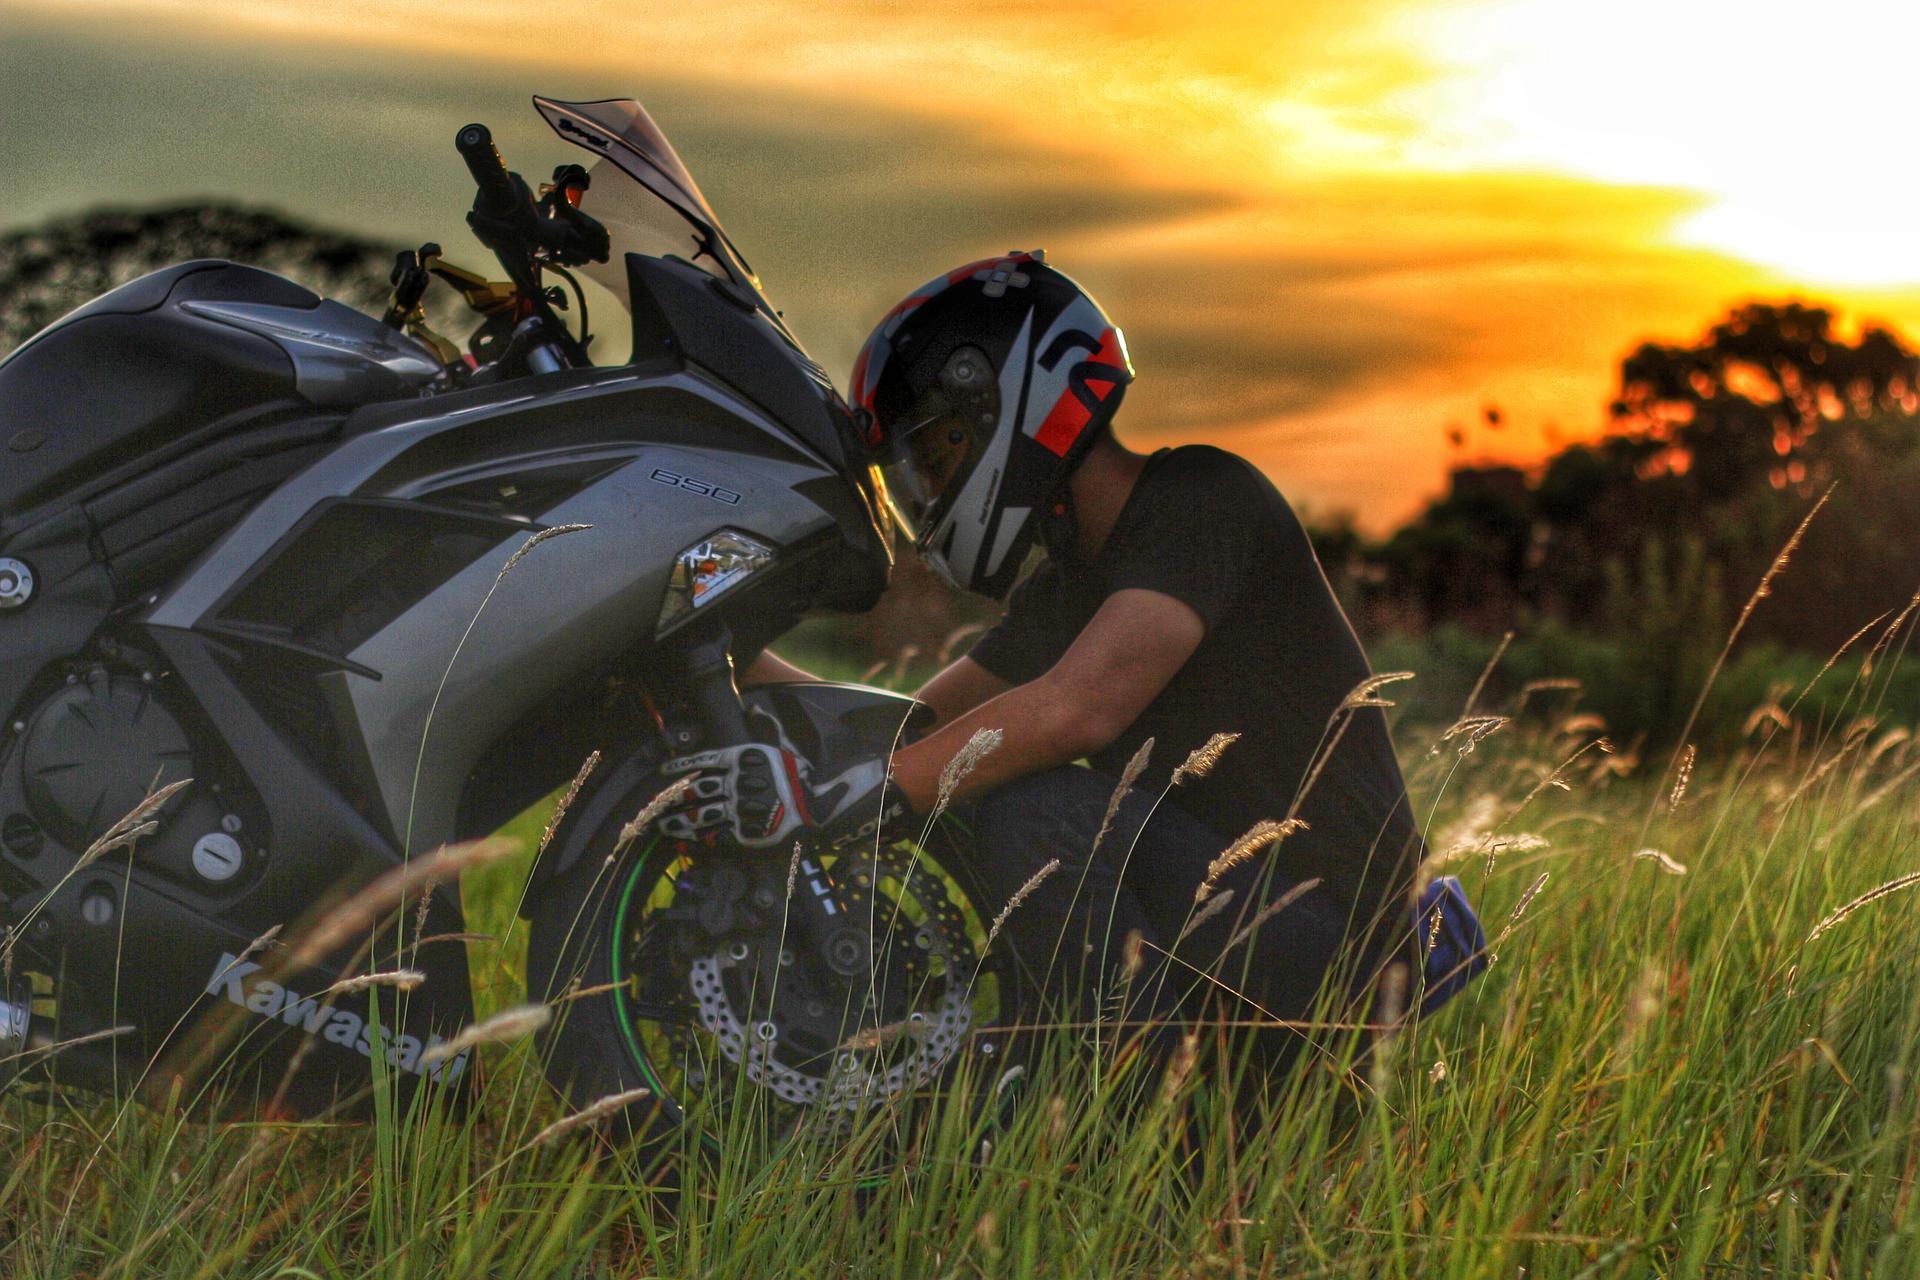 バイク、車でエンストを防ぐコツは少しクラッチを踏むことです!